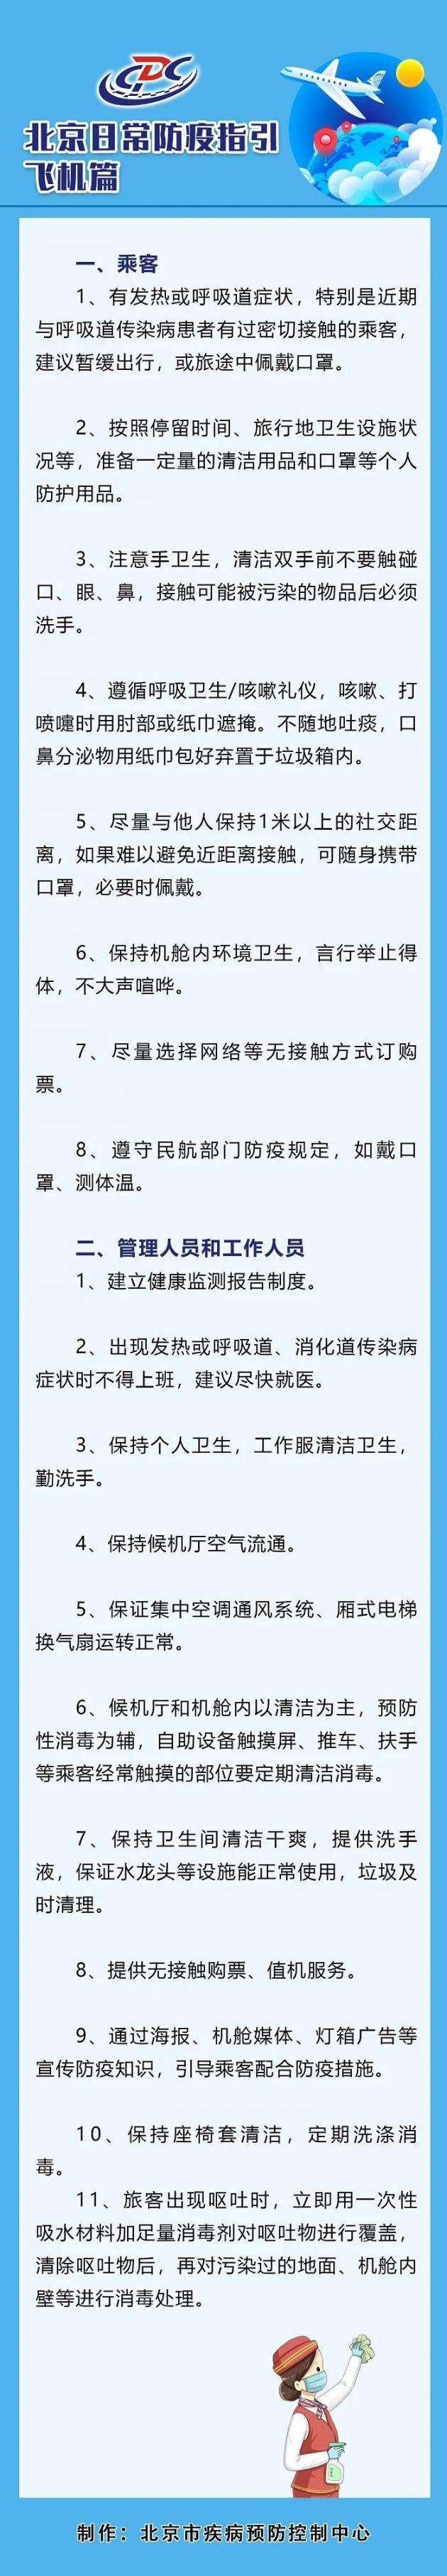 北京日常防疫指引——飞机篇